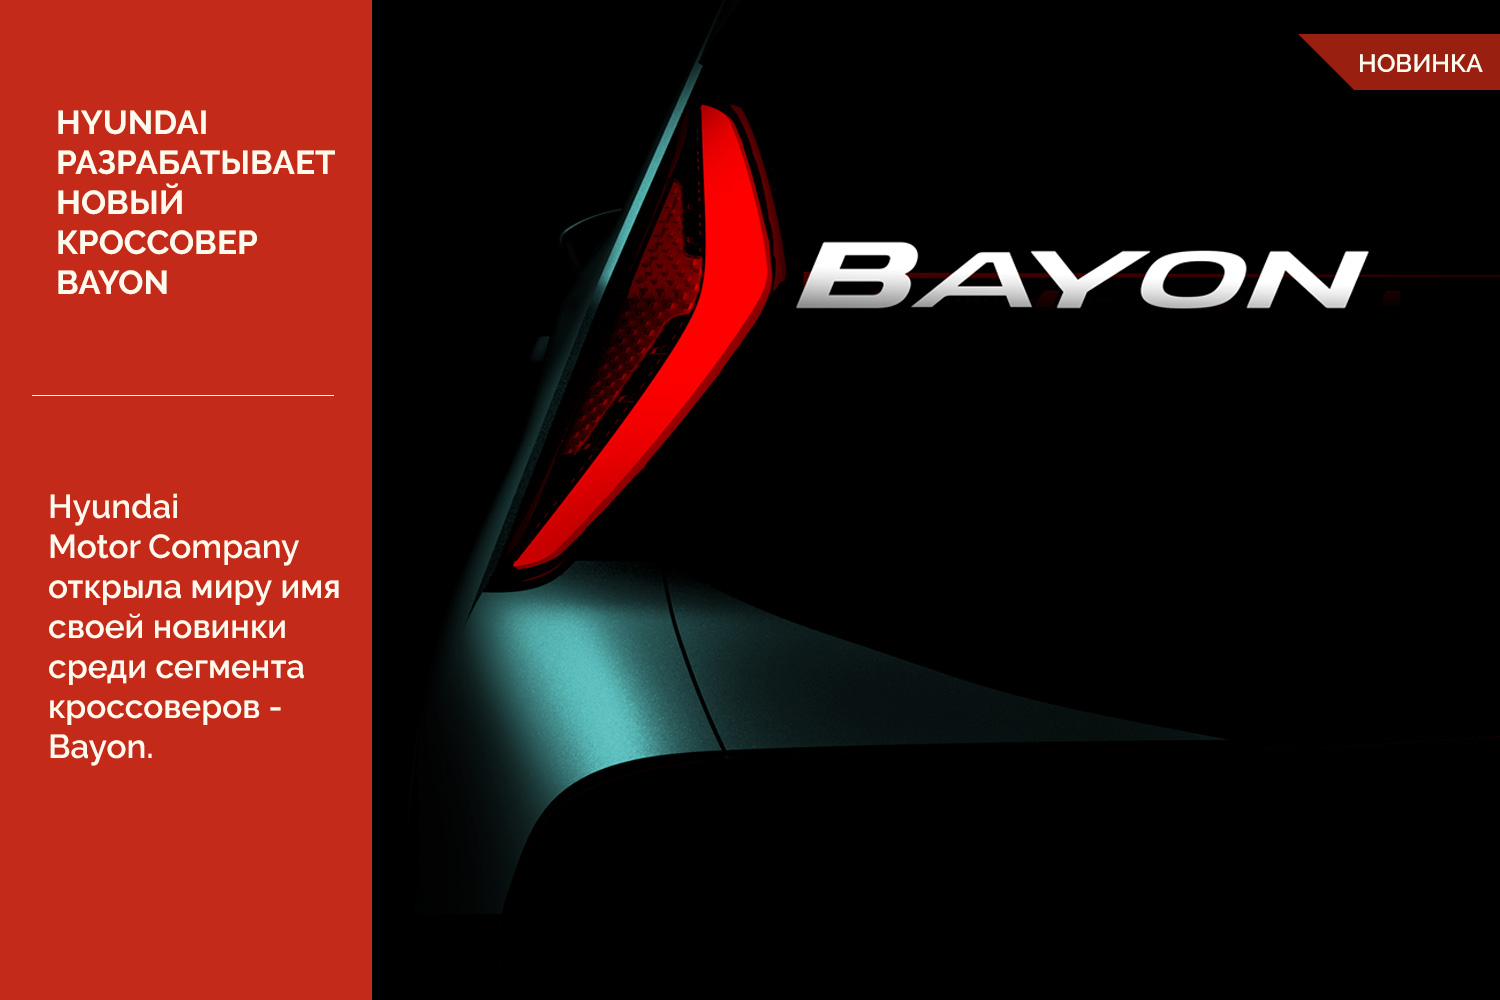 Hyundai разрабатывает новый кроссовер Bayon